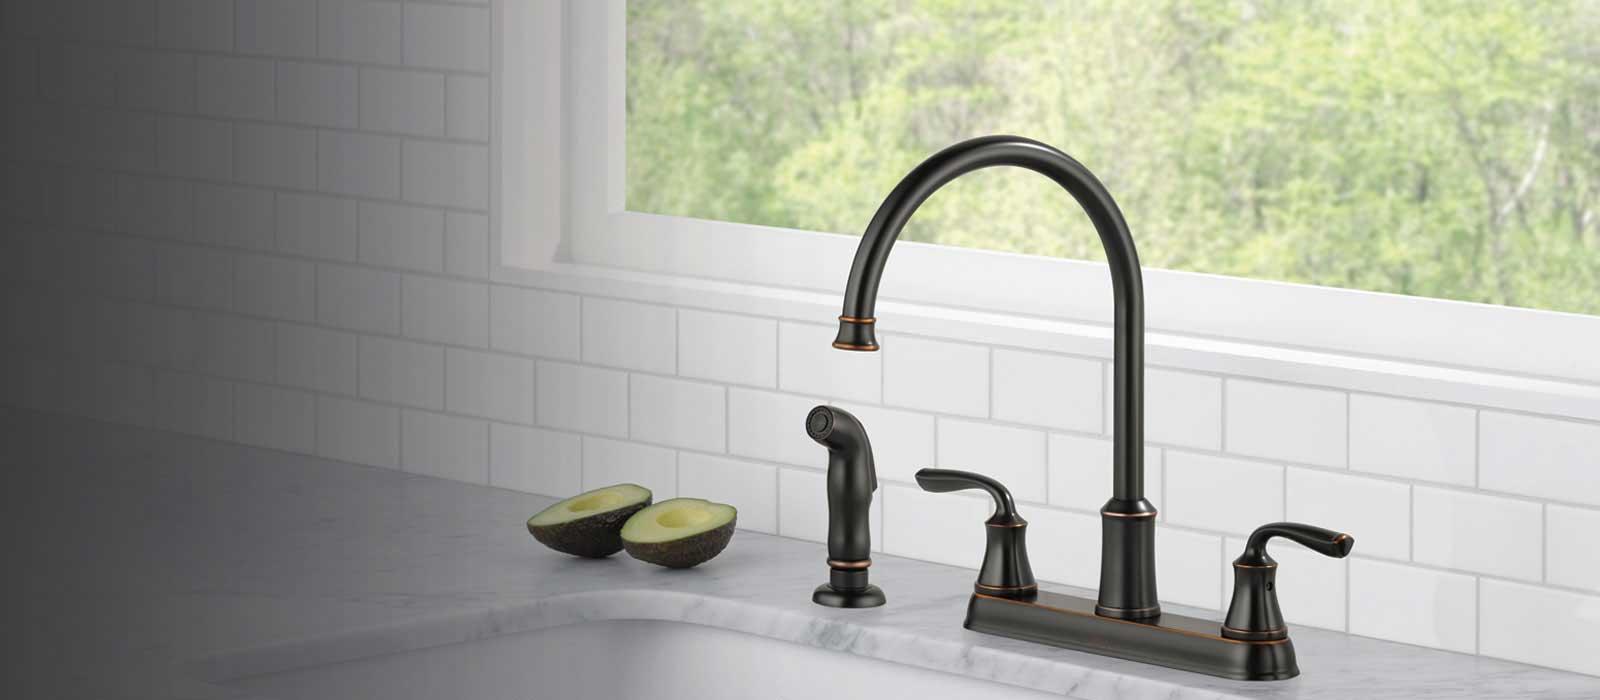 lorain kitchen collection delta faucet